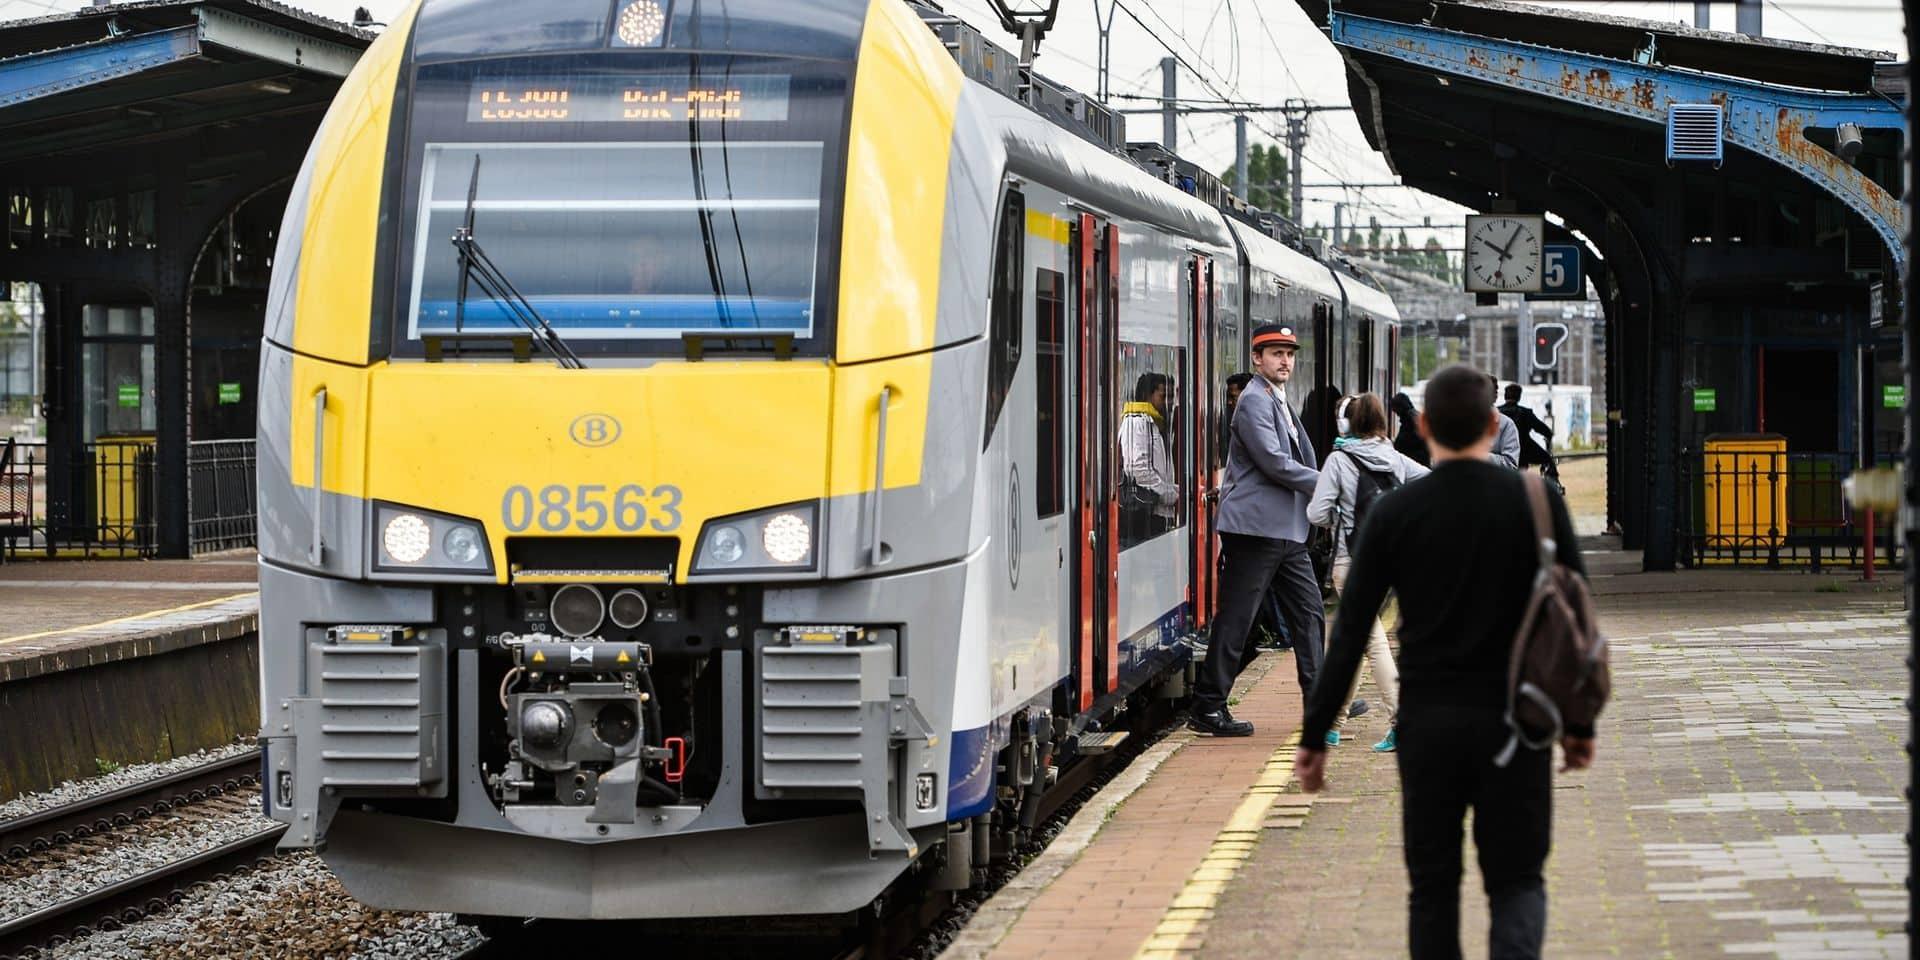 La tempête Ciara pourrait avoir un impact sur la circulation des trains dimanche, des vols annulés à Brussels Airport